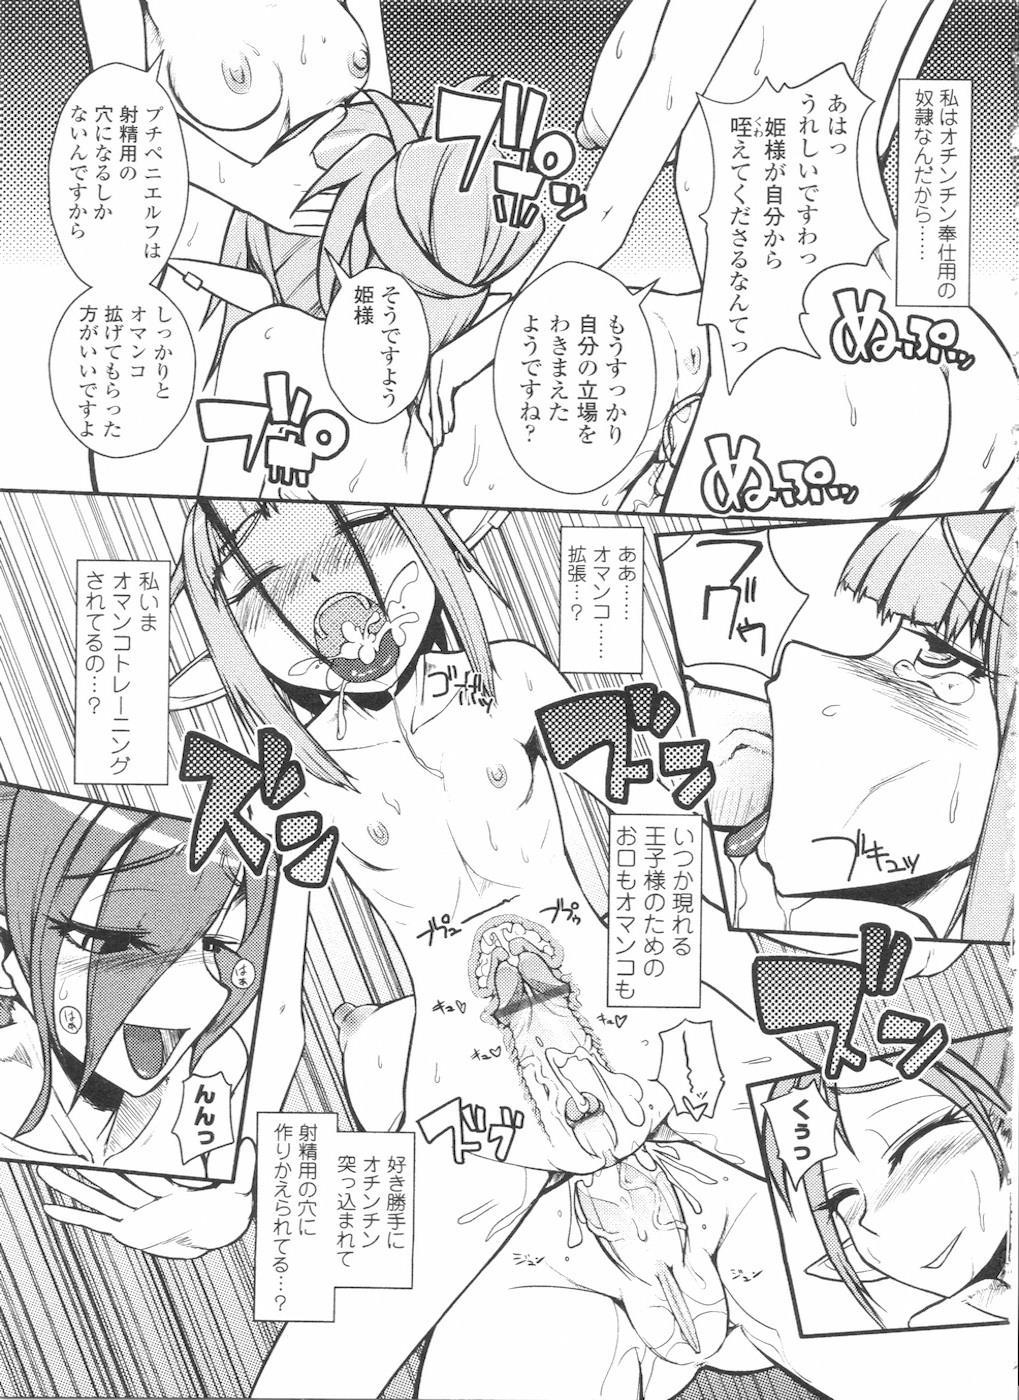 Futanarikko LOVE 11 158